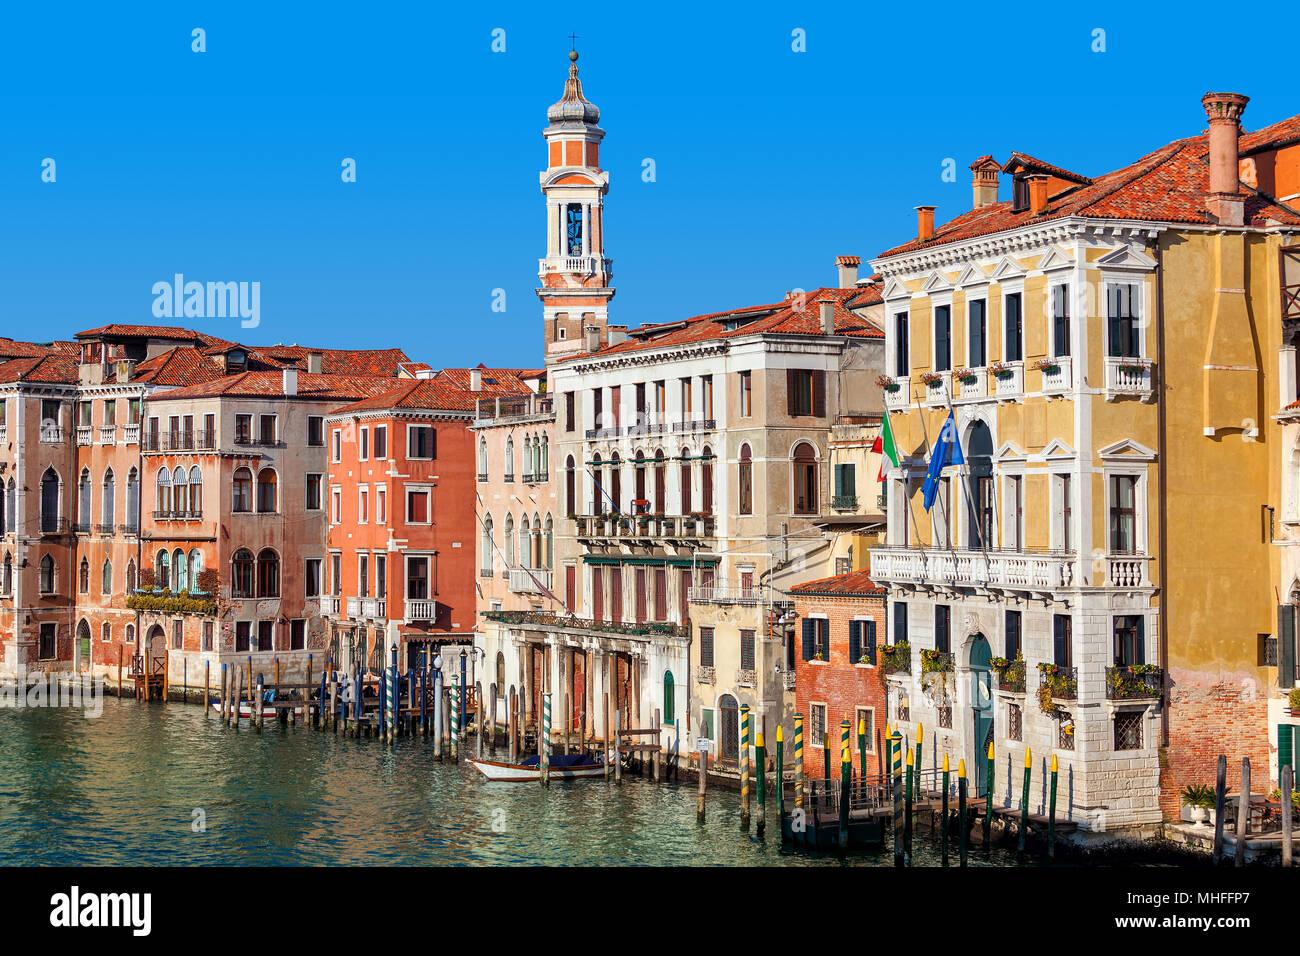 Blick auf die bunten Gebäude am Canale unter blauem Himmel in Venedig, Italien. Stockbild